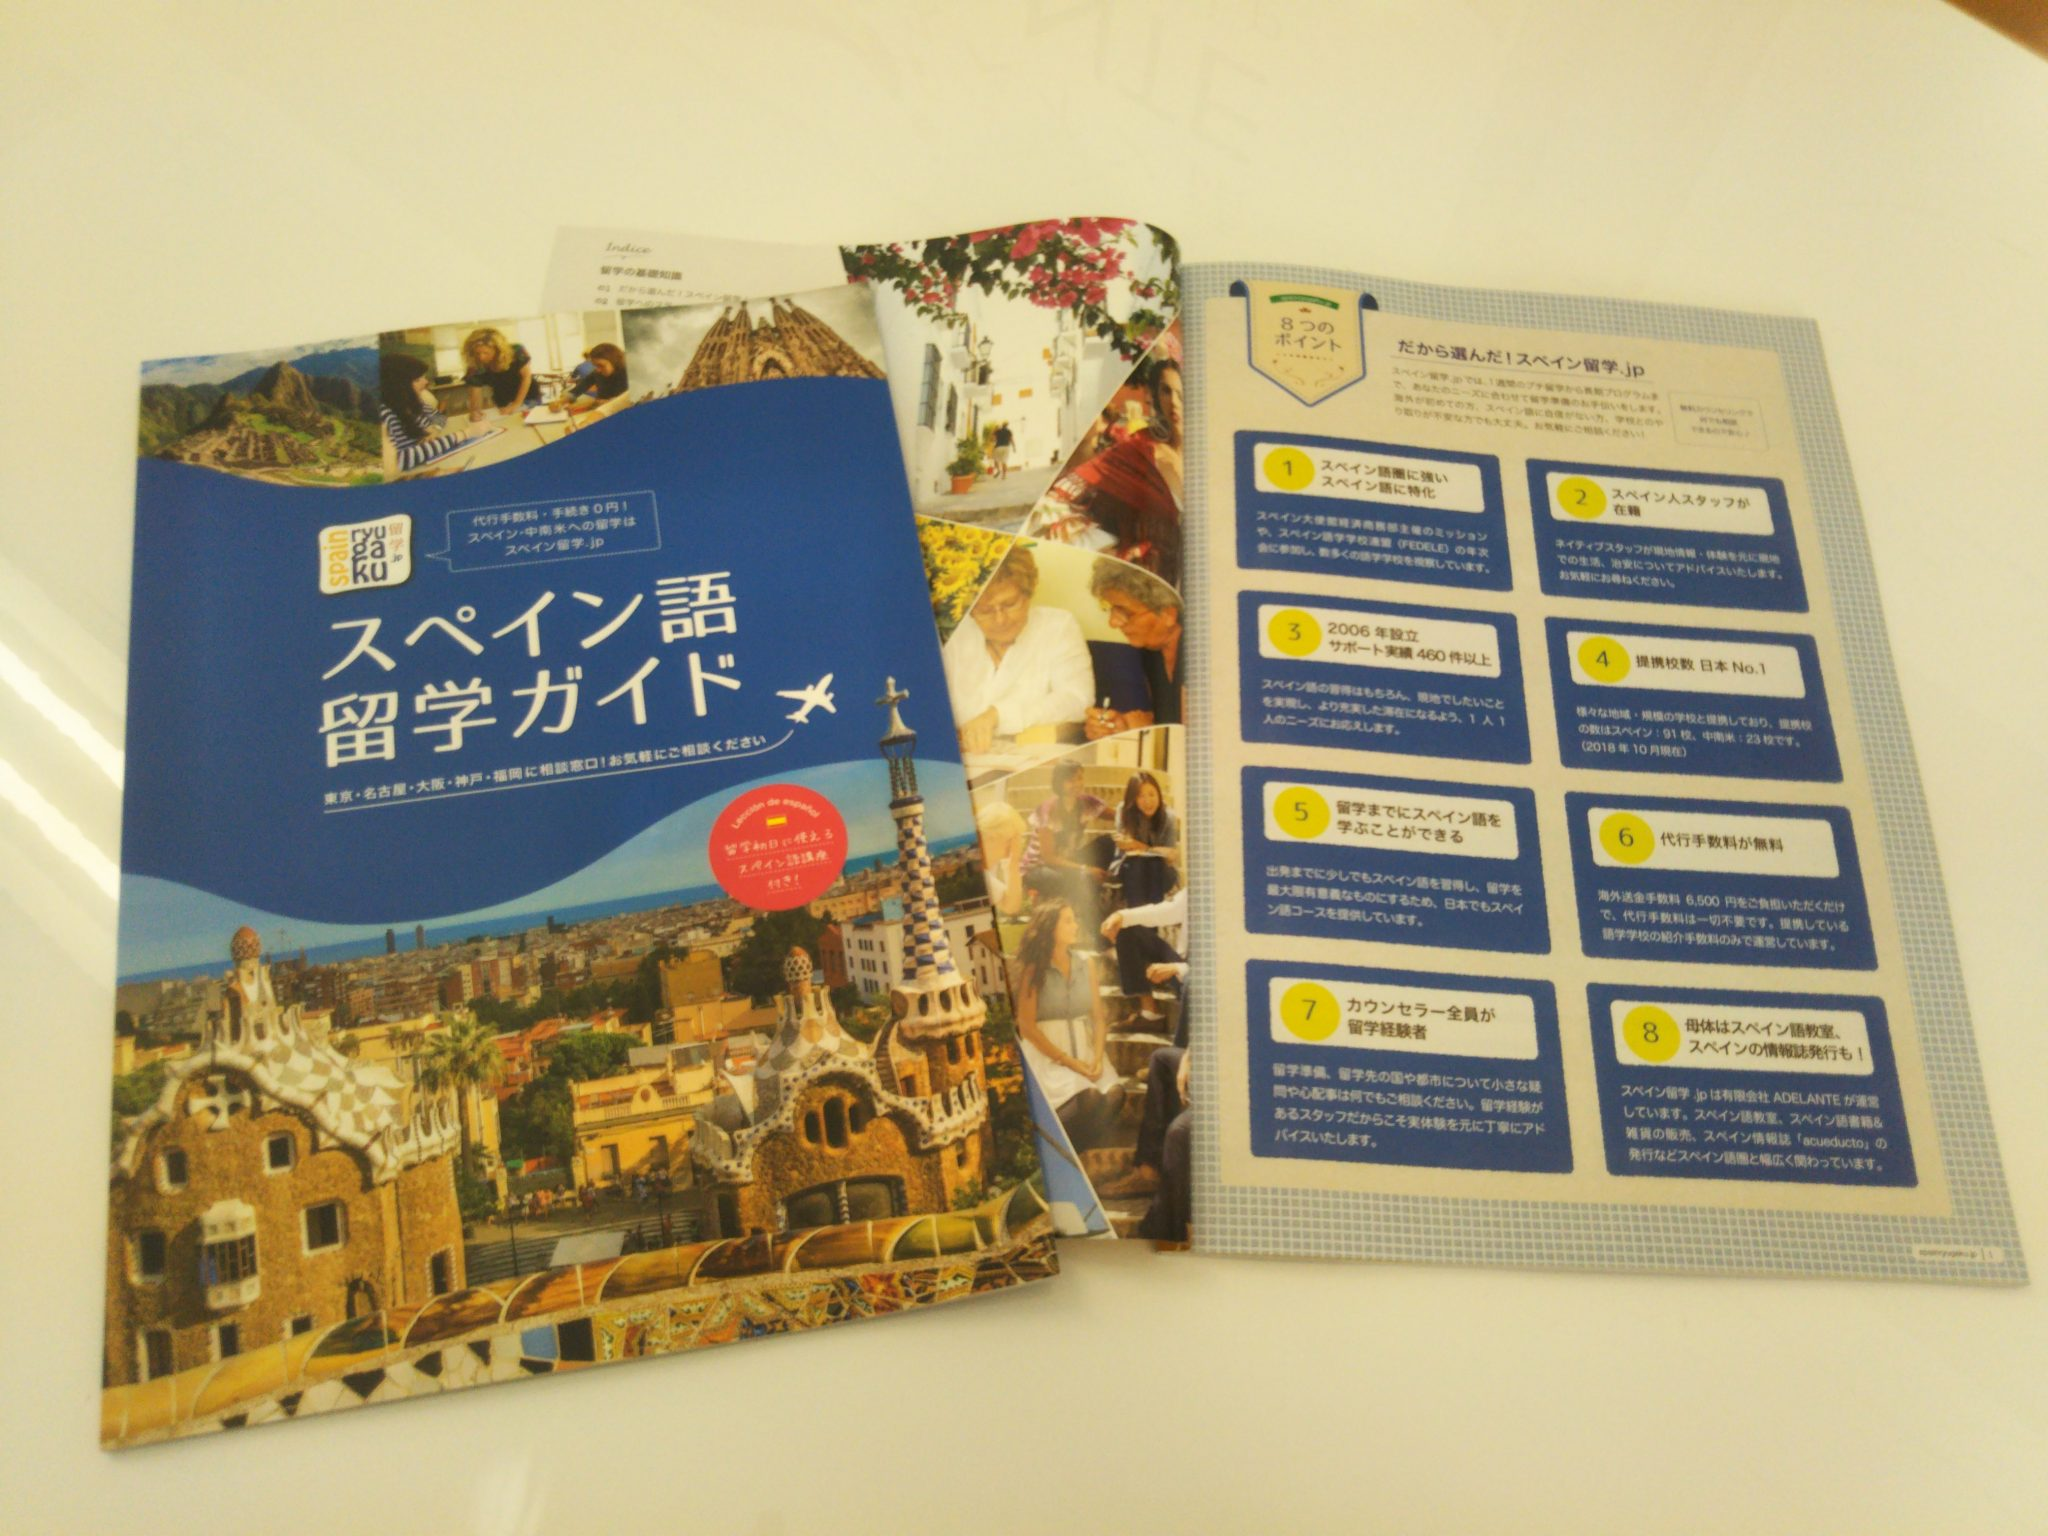 スペイン留学.jp留学ガイドリニューアル